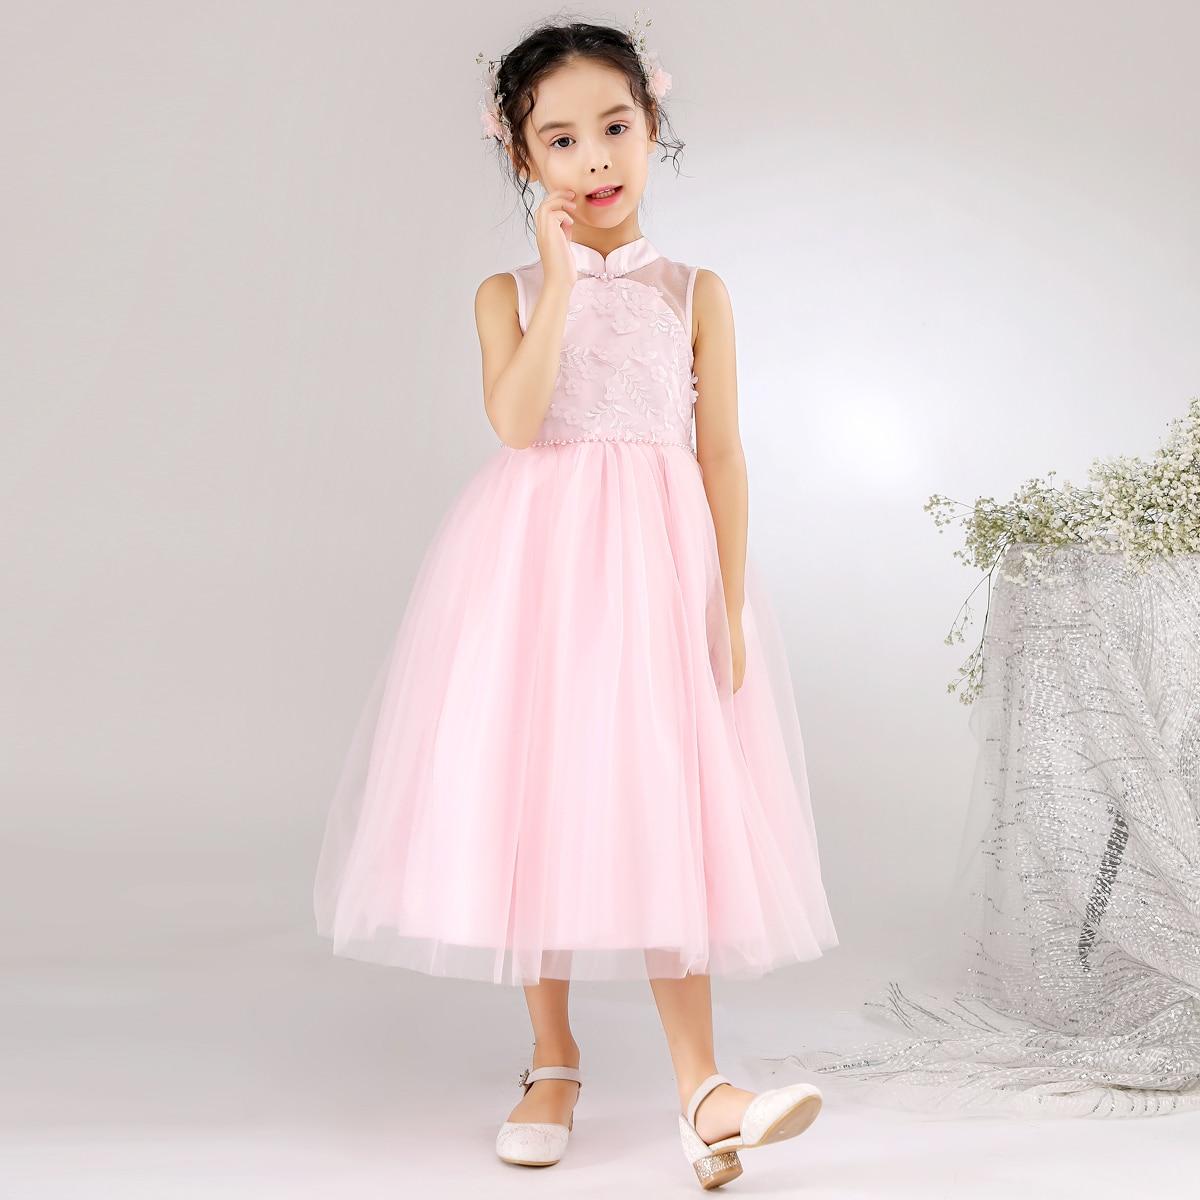 SHEIN / Vestido de fiesta con malla con cuenta con perla aplique